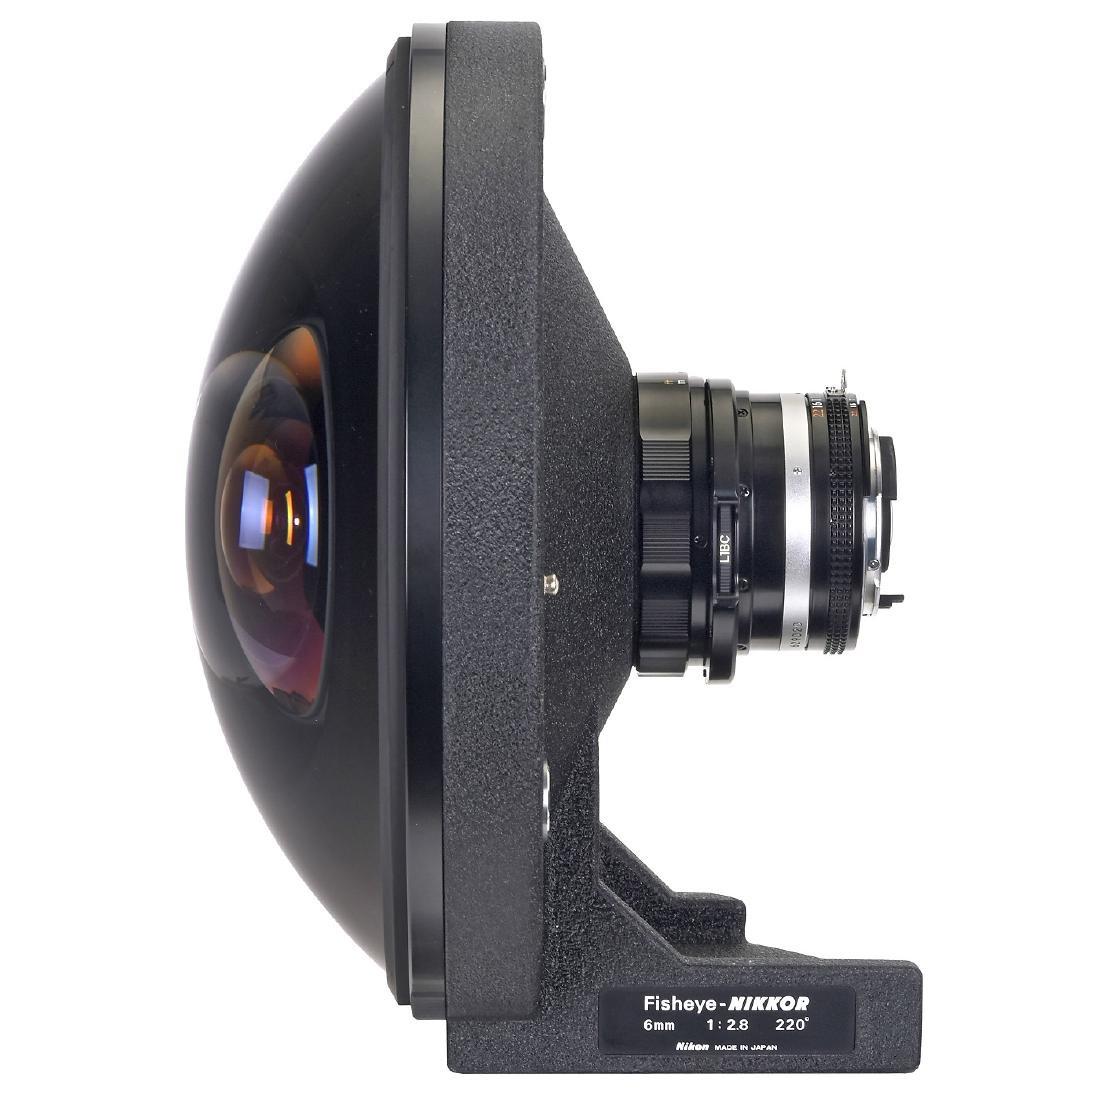 Nikon Fisheye-Nikkor 2,8/6 mm, AI-S, c. 1977 - 3